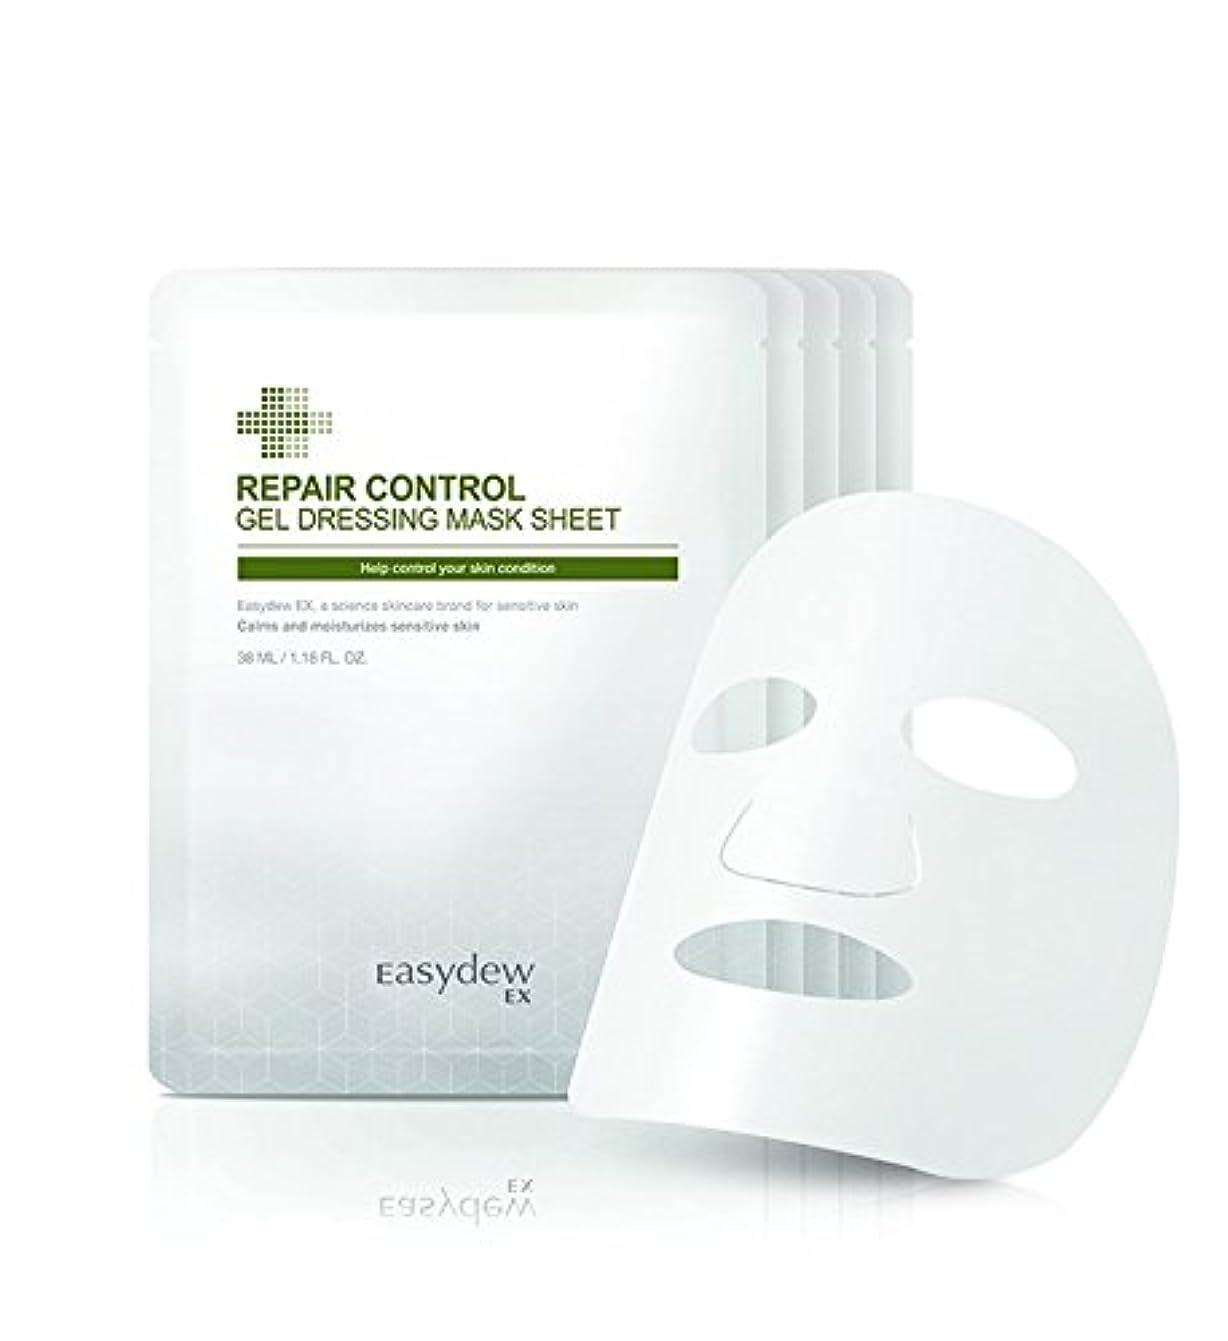 軽キャメル影響力のあるデウン製薬 リペア コントロール ゲルドレッシング マスクシートー38ml X 5枚セット. Repair Control Gel Dressing Mask Sheet 38ml X 5P set.